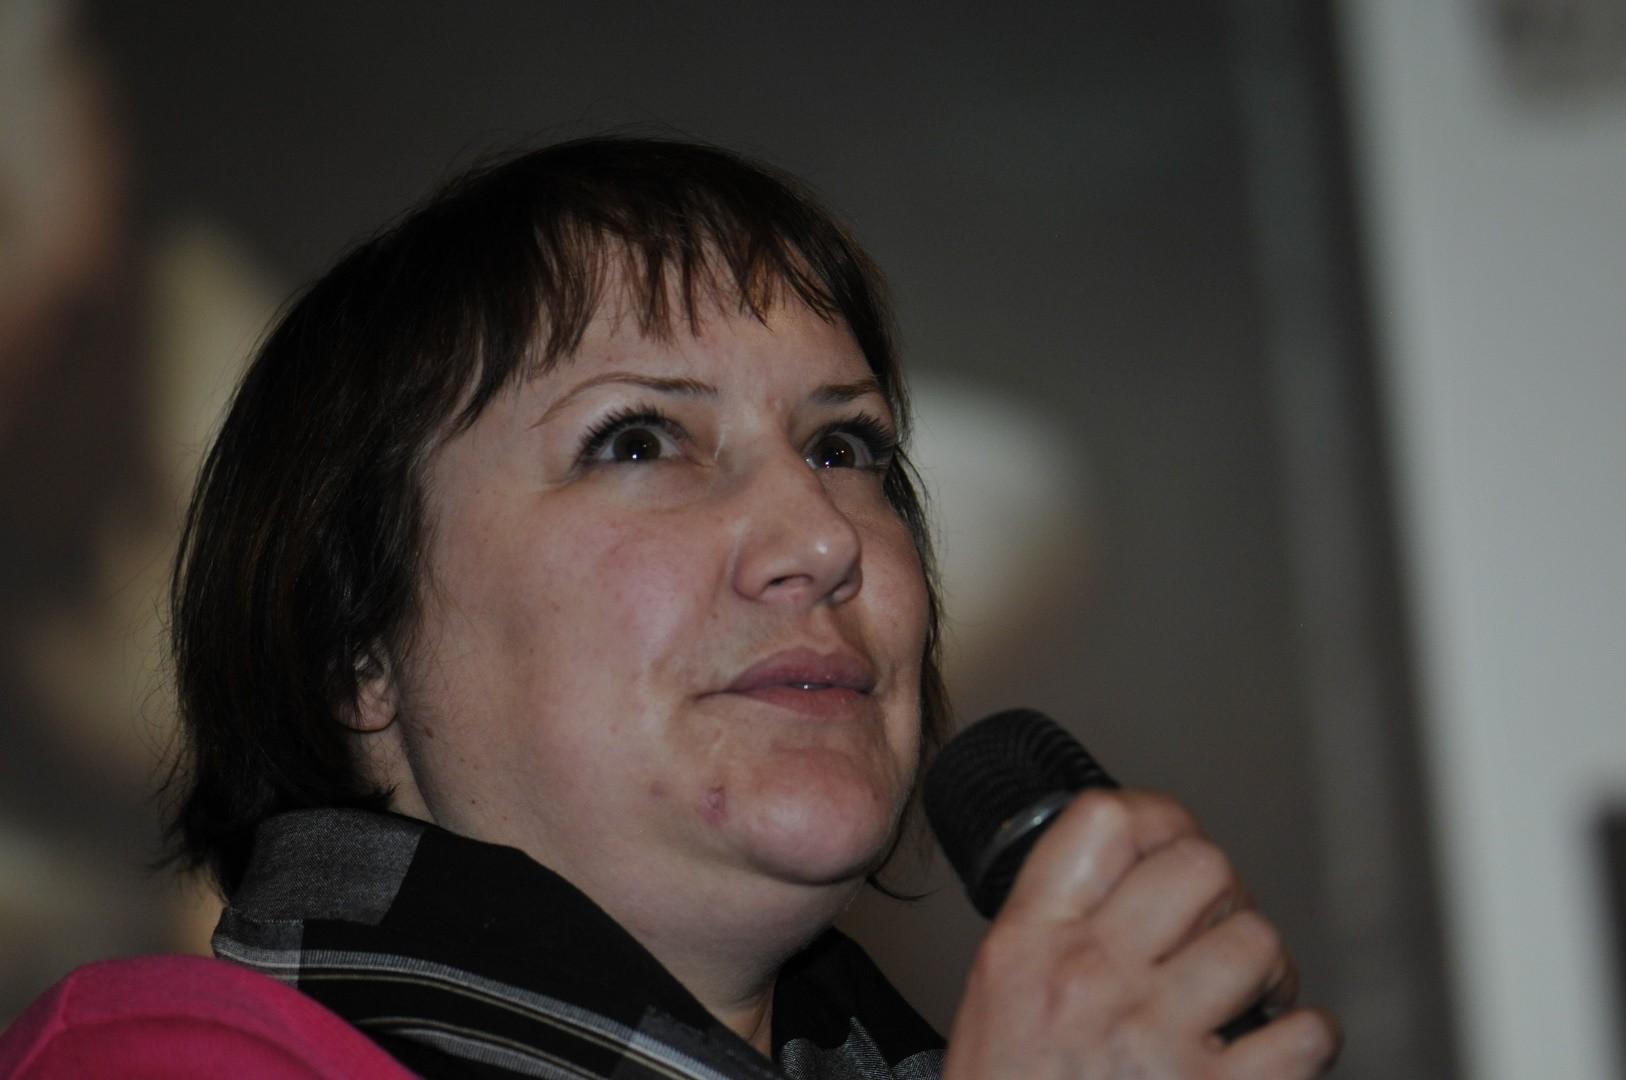 Nathalie Bruhière, membre de l'équipe de restauration, répond aux questions du public sur  La Victoire de Samothrace, une icône dévoilée